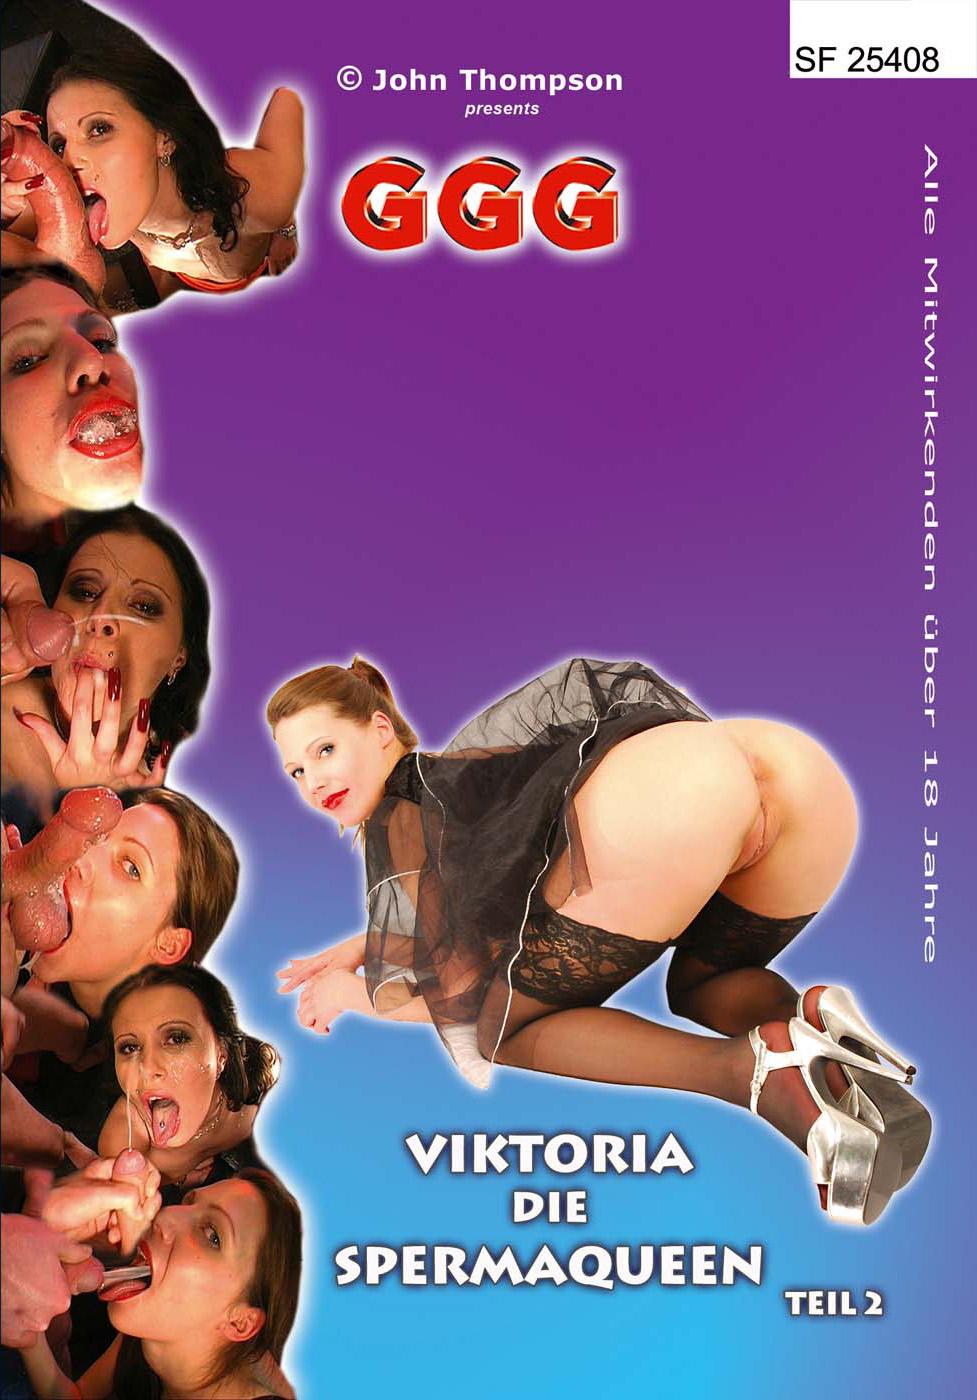 Смотреть онлайн порно ggg elina 7 фотография